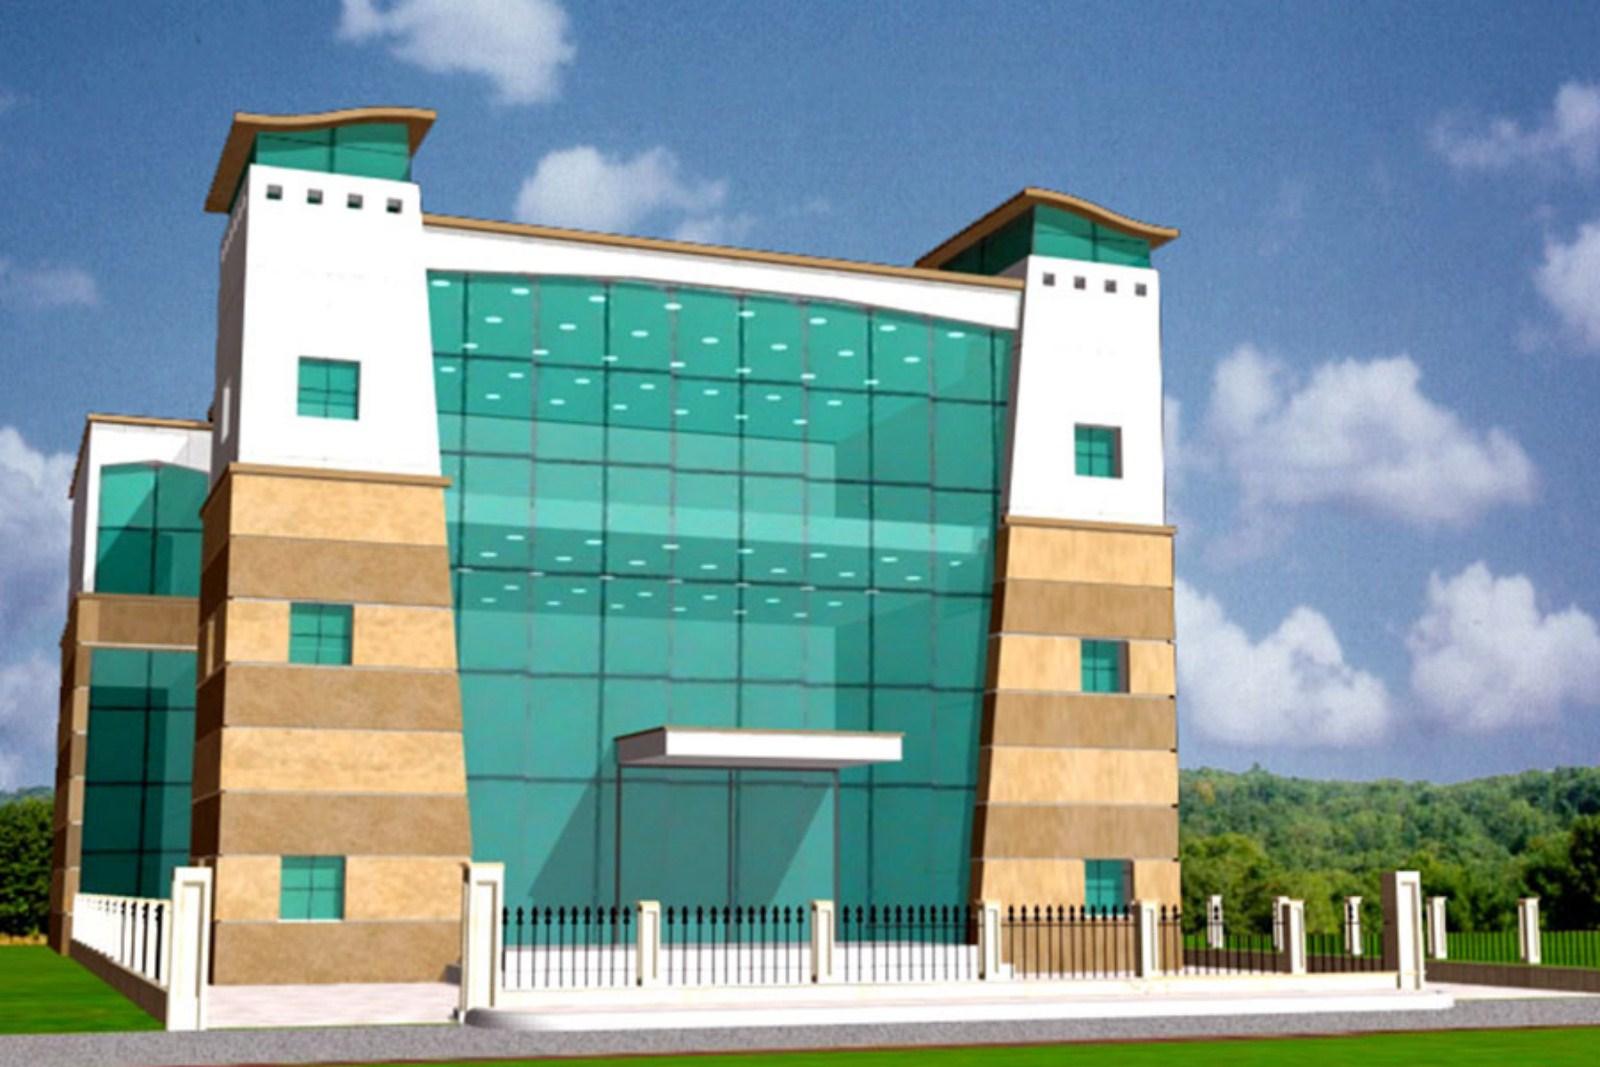 Office for Golden sky, Gurgaon 1